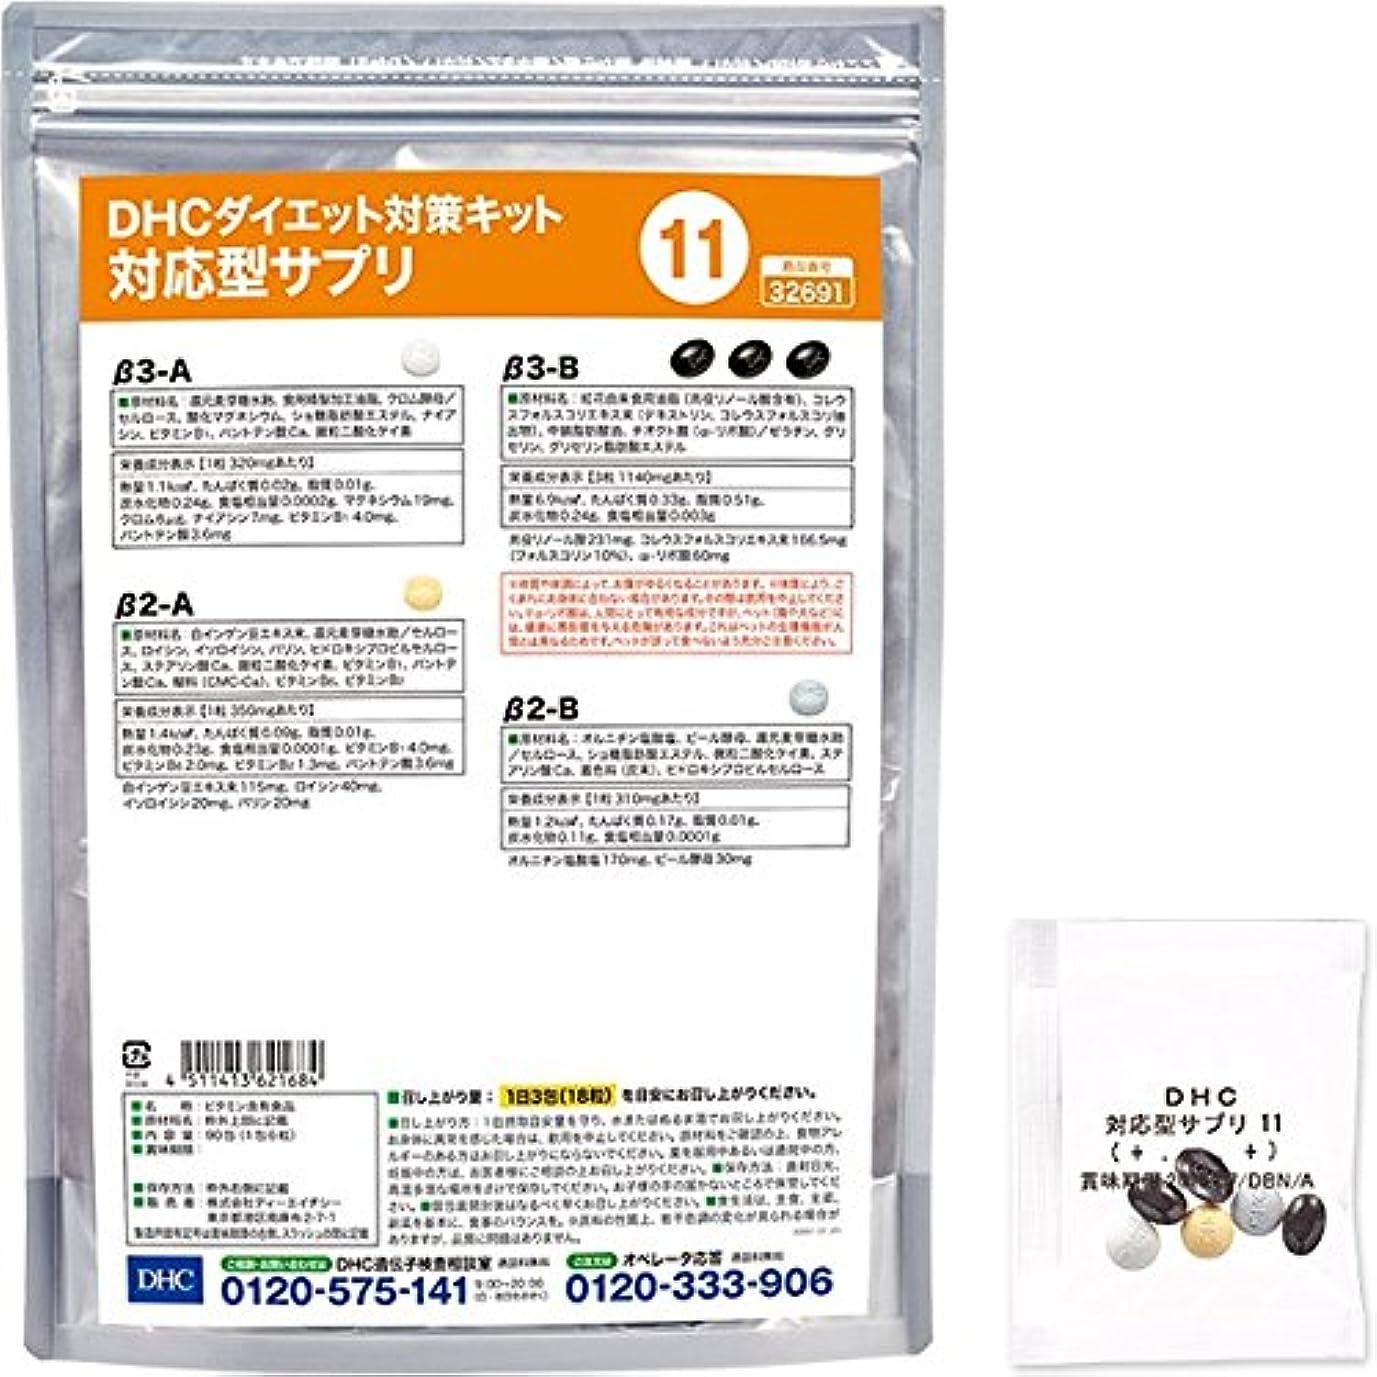 発掘郵便番号人生を作るDHCダイエット対策キット対応型サプリ11